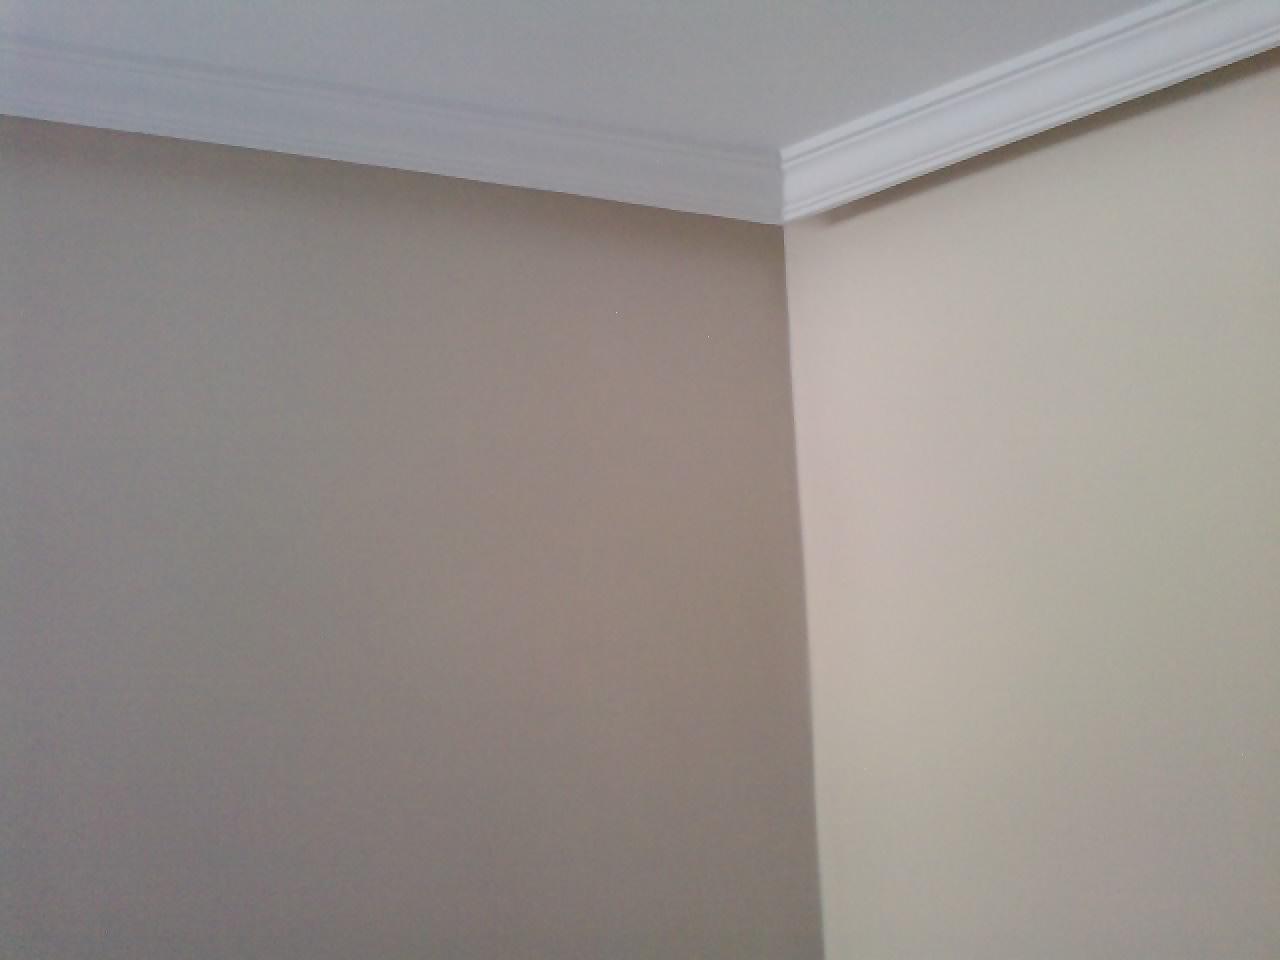 Mondecor s l junio 2011 - Pintura blanco roto ...